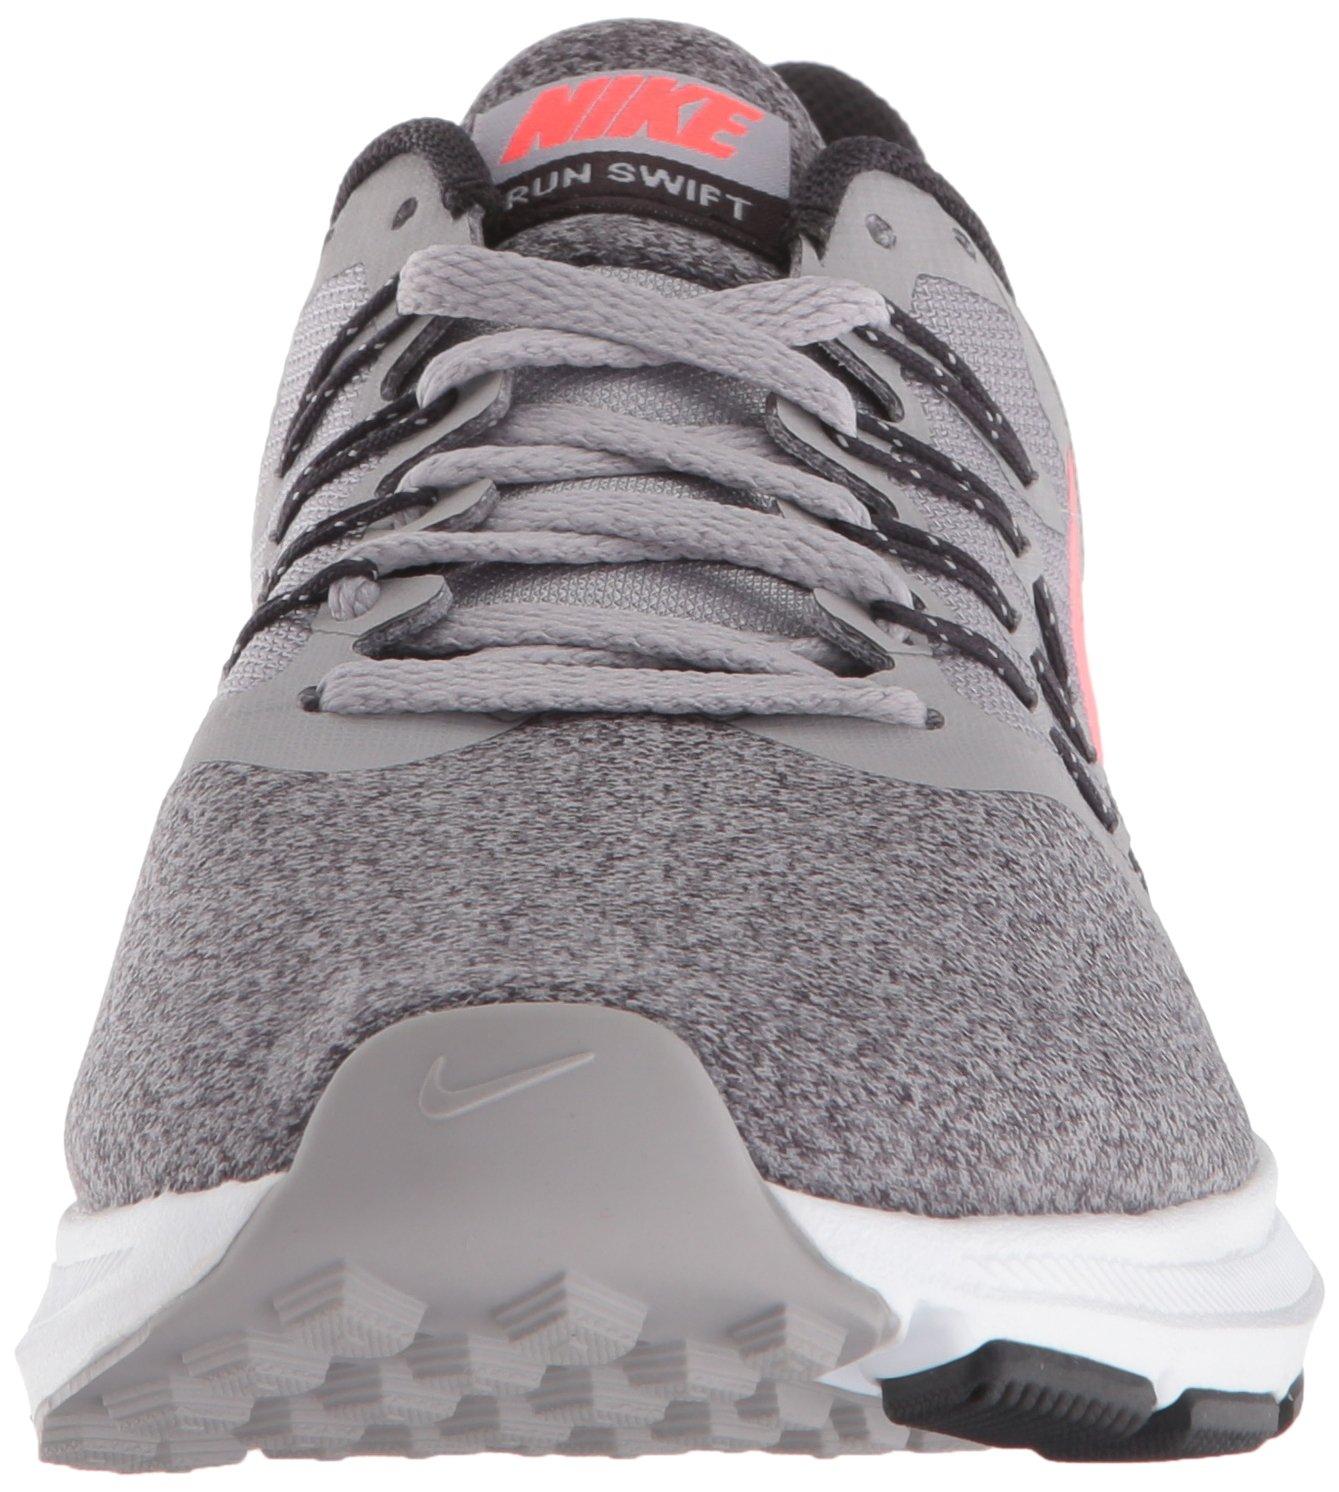 NIKE Women's Swift Running Shoe, Atmosphere Grey/Flash Crimson, 9.5 Regular US by NIKE (Image #4)